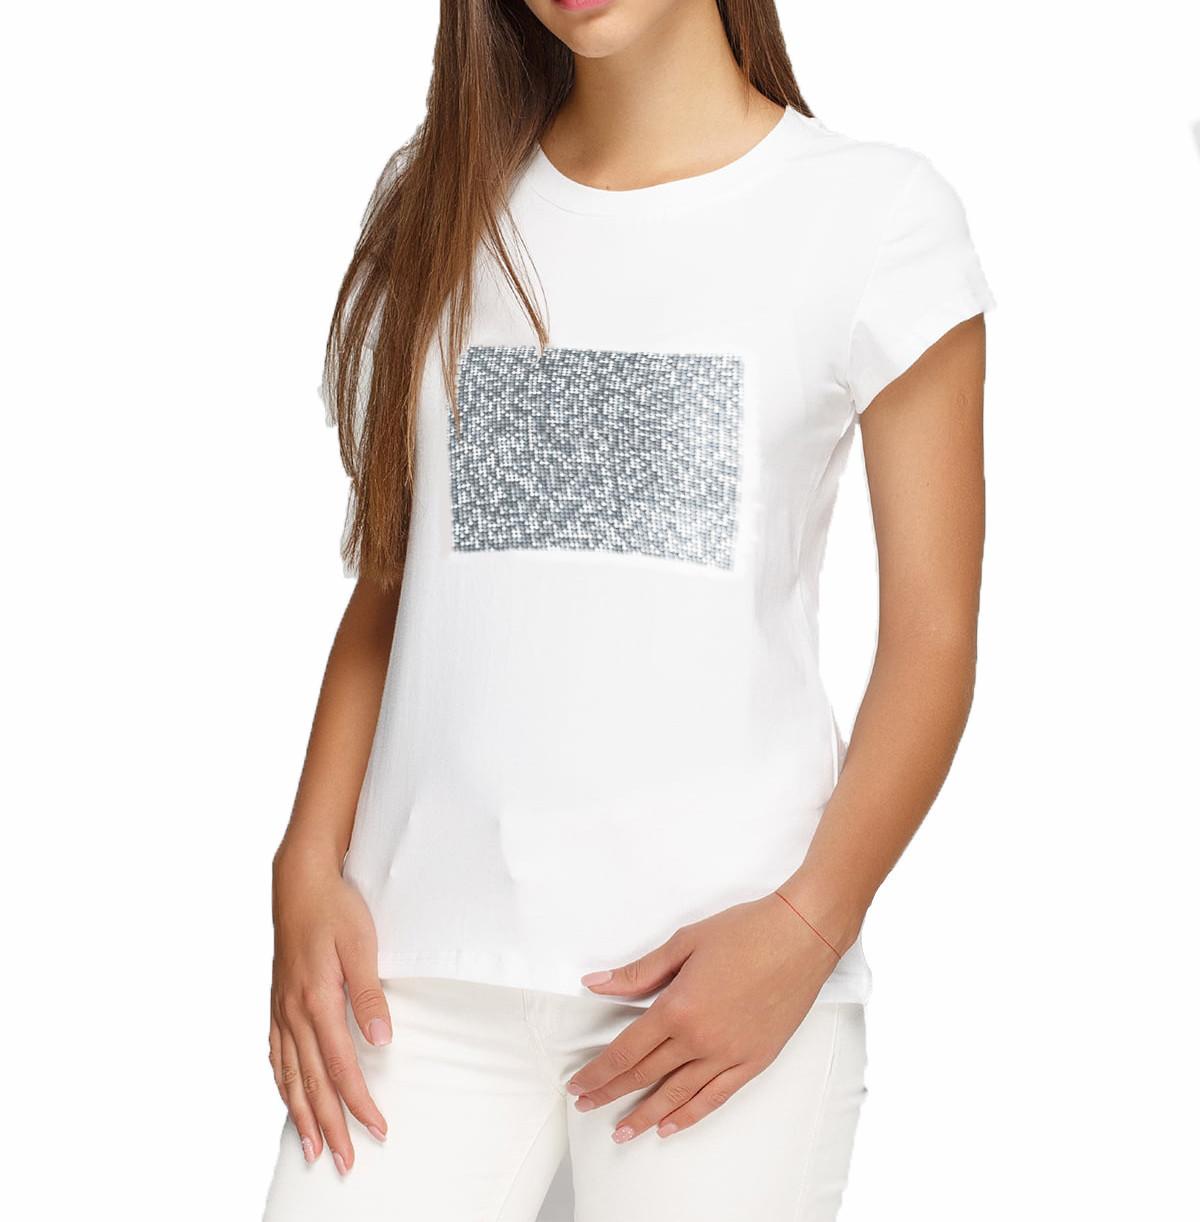 Женская футболка L с пайетками цв. СЕРЕБРО под сублимацию